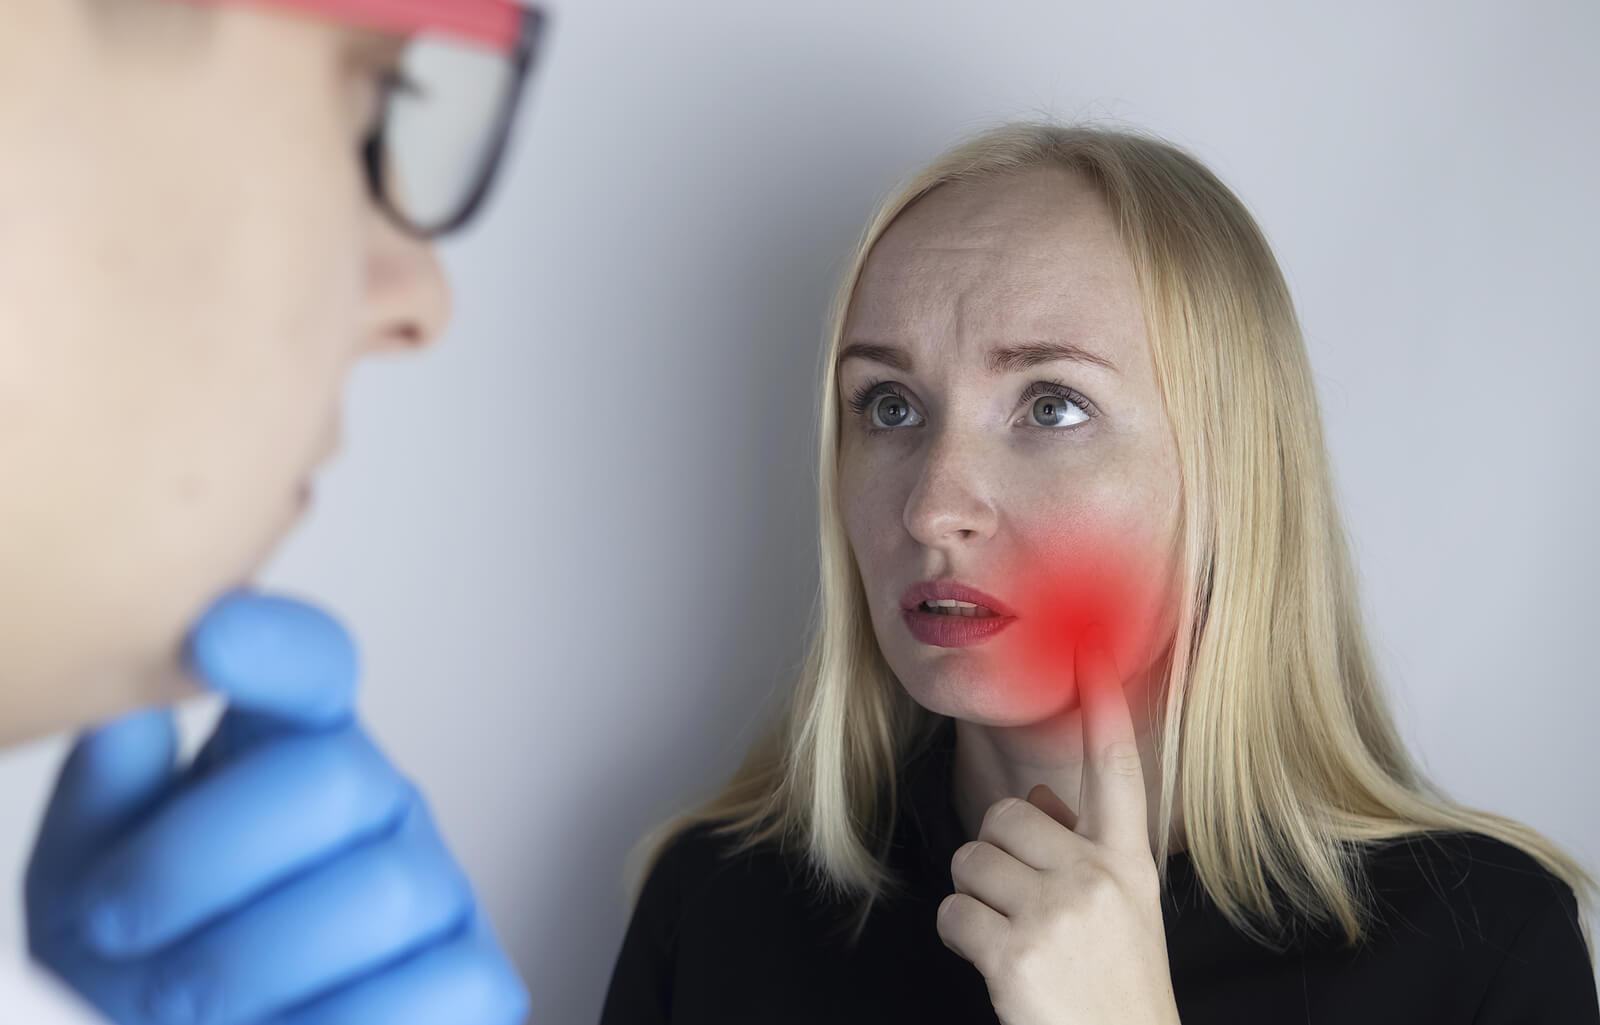 Médico y paciente averiguando causas del dolor mandibular.